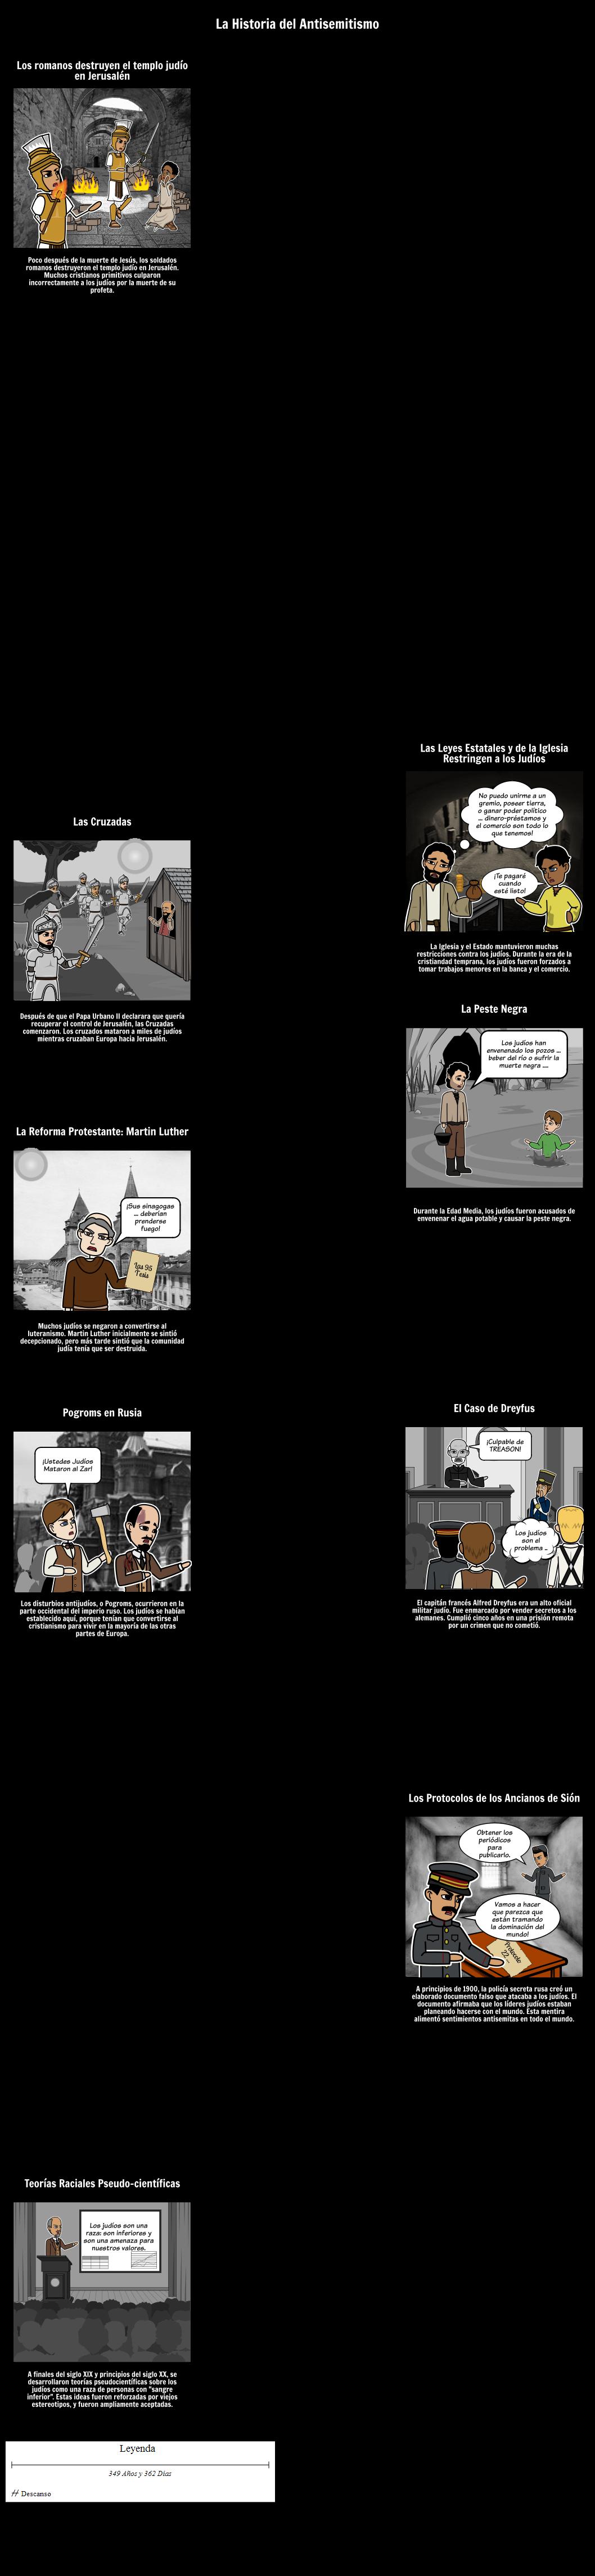 Eventos que llevaron al Holocausto | Planes de Lección del Holocausto